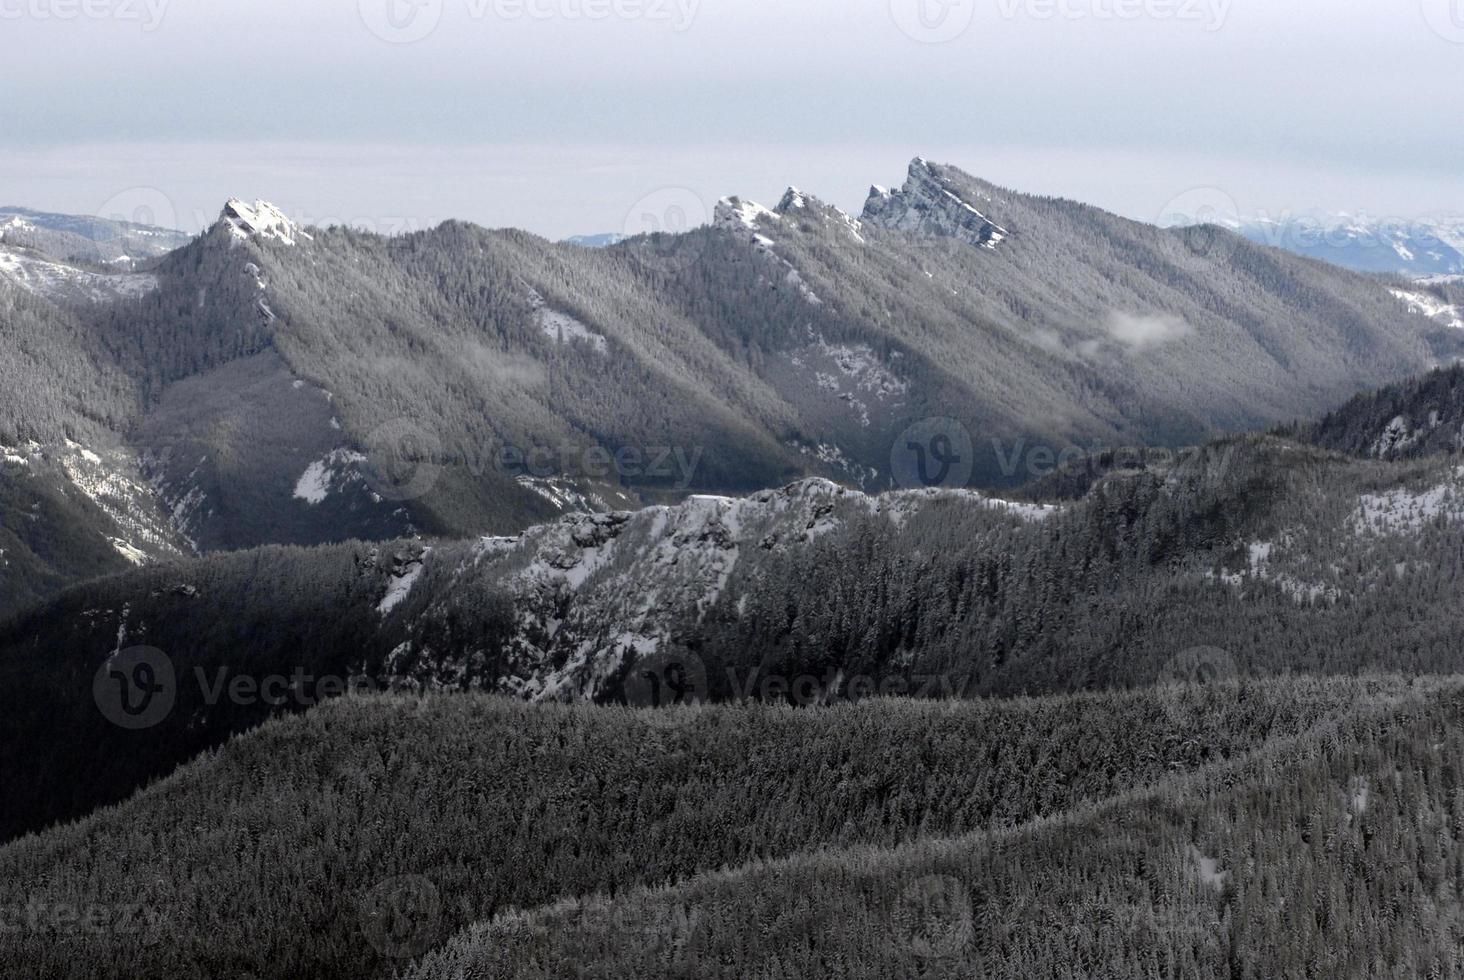 Cascade Mountains, Washington state photo